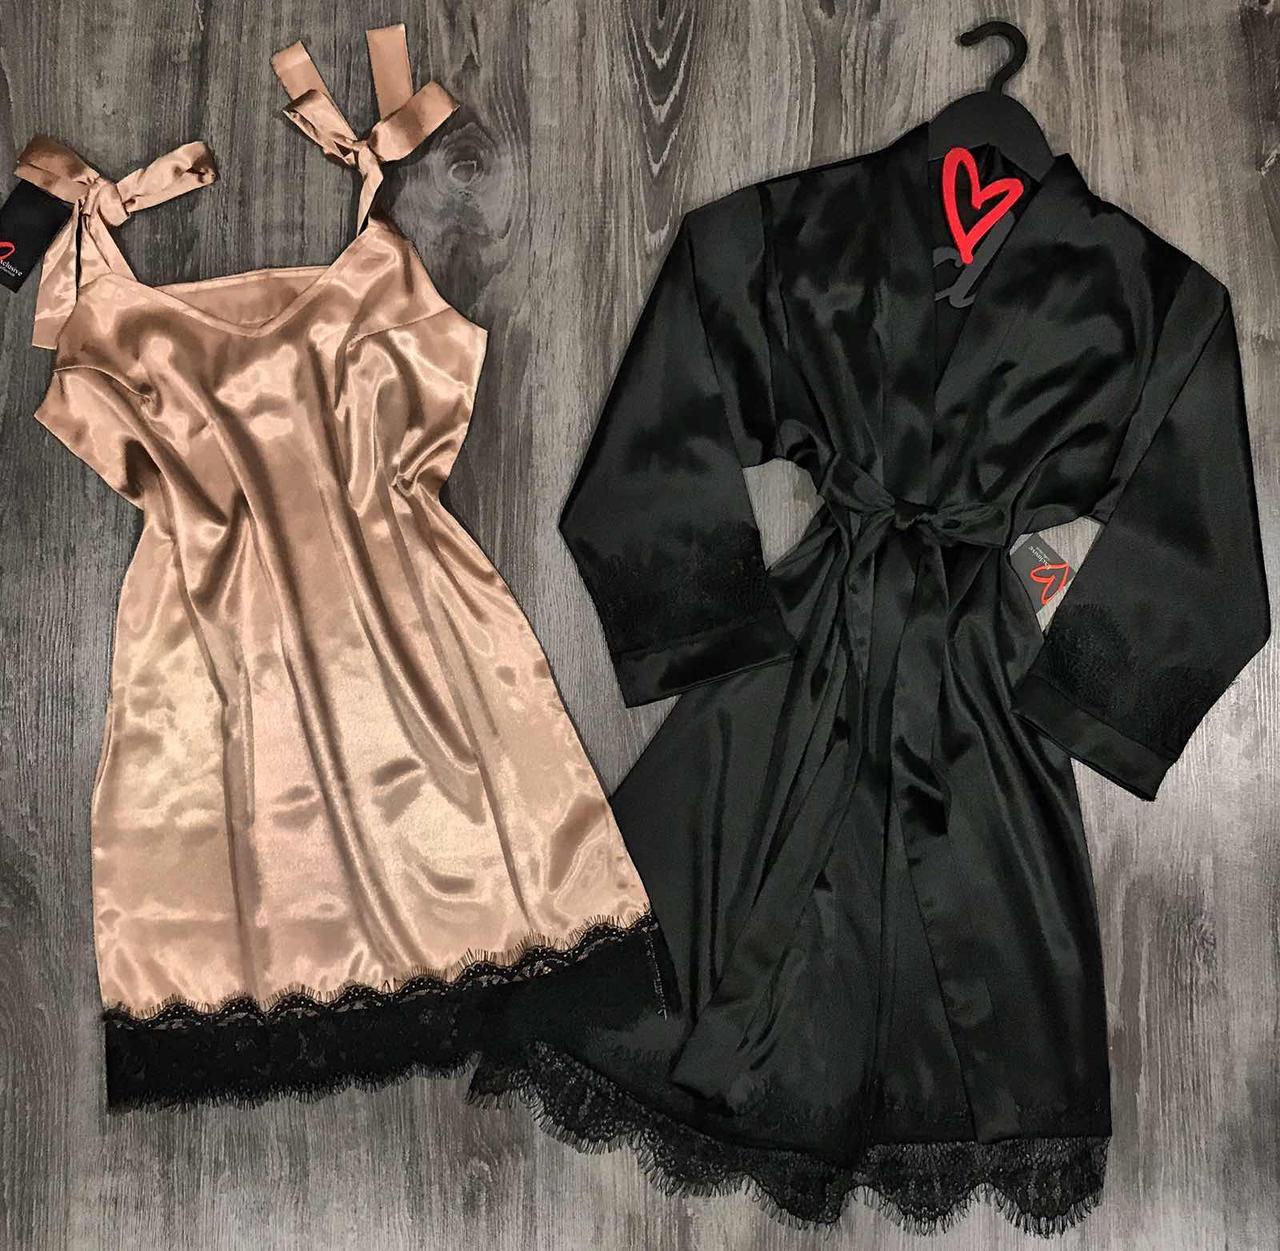 Женский комплект домашней одежды с кружевом халат и пеньюар.